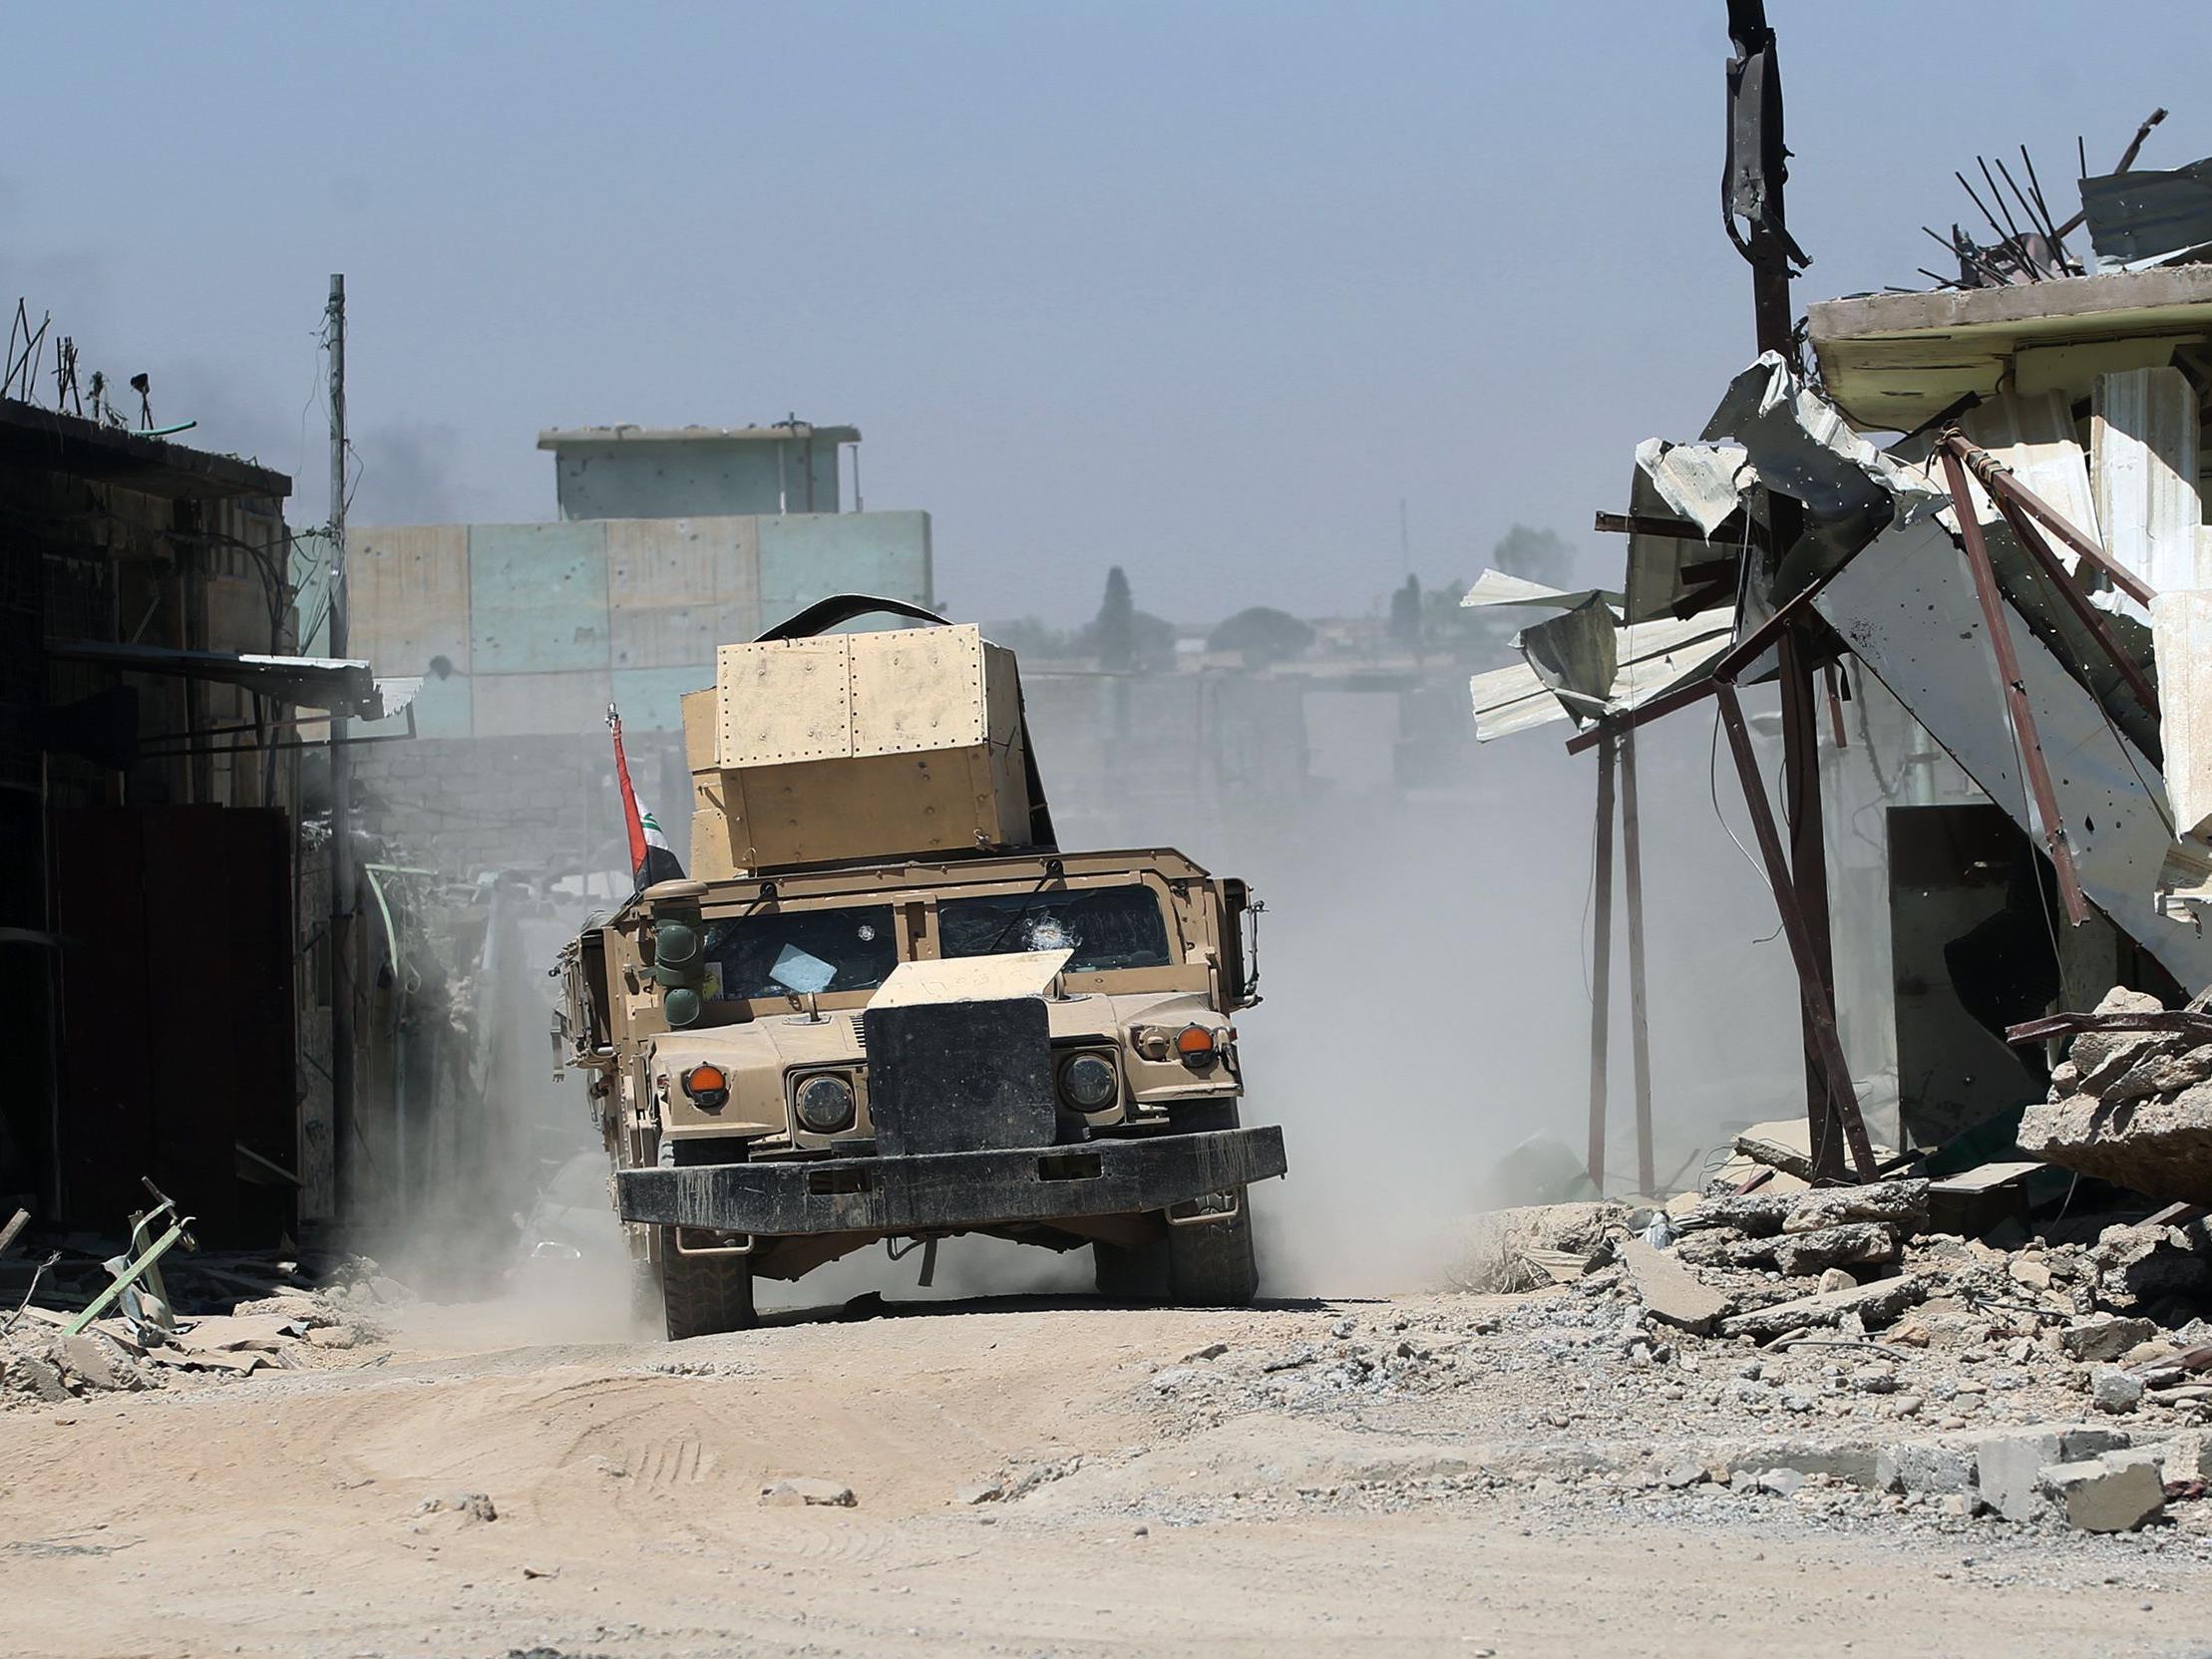 Ein Humvee der irakischen Armee fährt durch das umkäpfte Mossul (Irak). Der nun Festgenommene war Mitglied der Regierungstruppen und soll Tote verhöhnt haben.